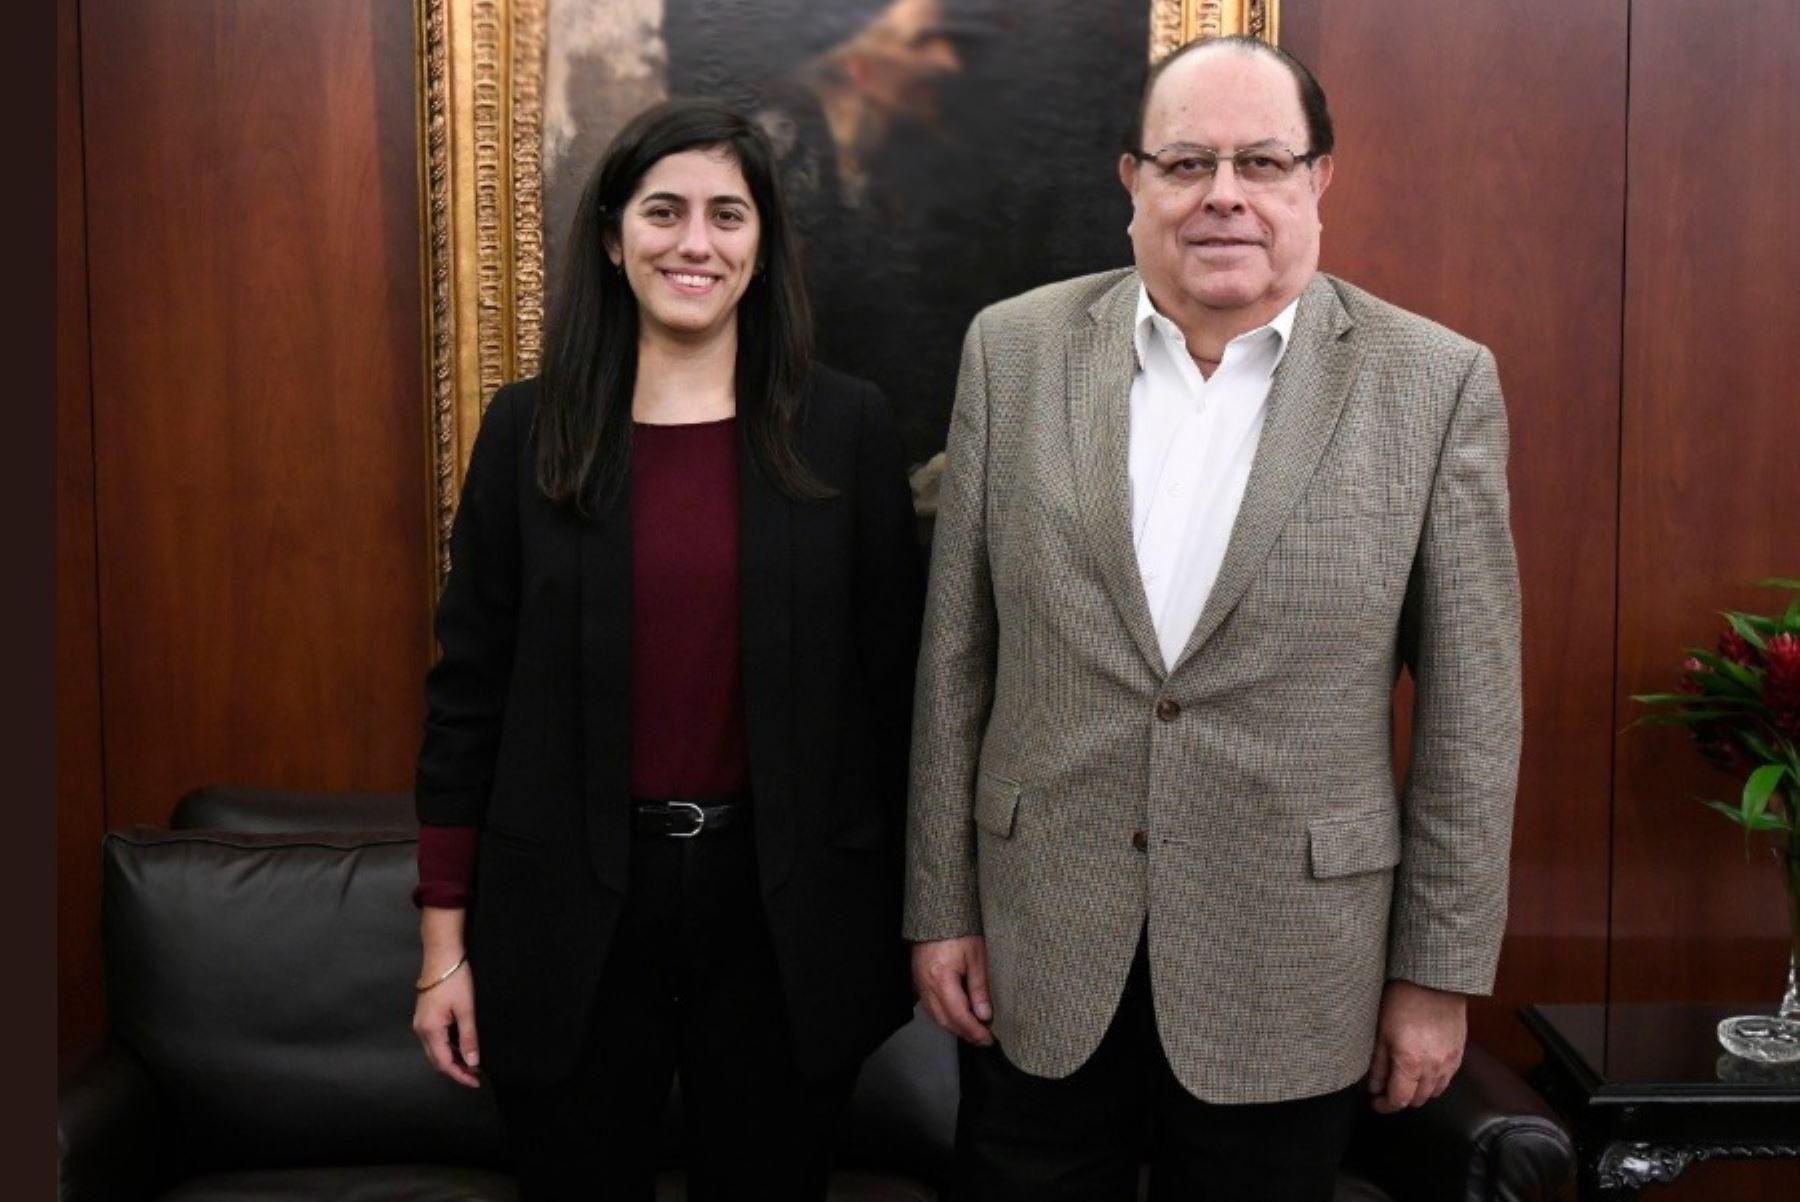 Ministra de Economía y Finanzas, María Antonieta Alva, y el presidente del Banco Central de Reserva, Julio Velarde. Foto: Internet.